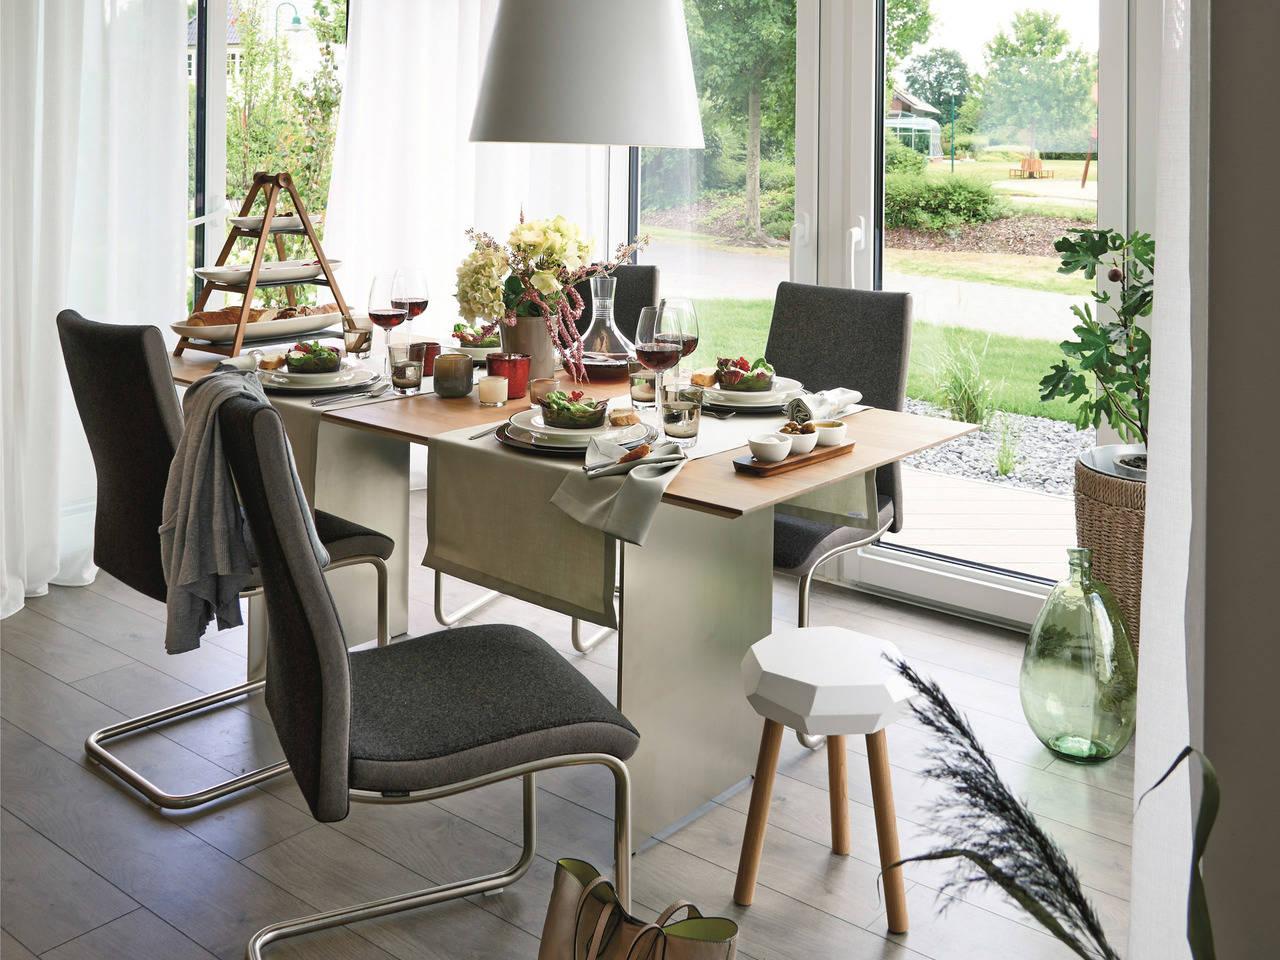 Doppelhaus Maxime 1000 D WOHNIDEE-Haus Wohnzimmer